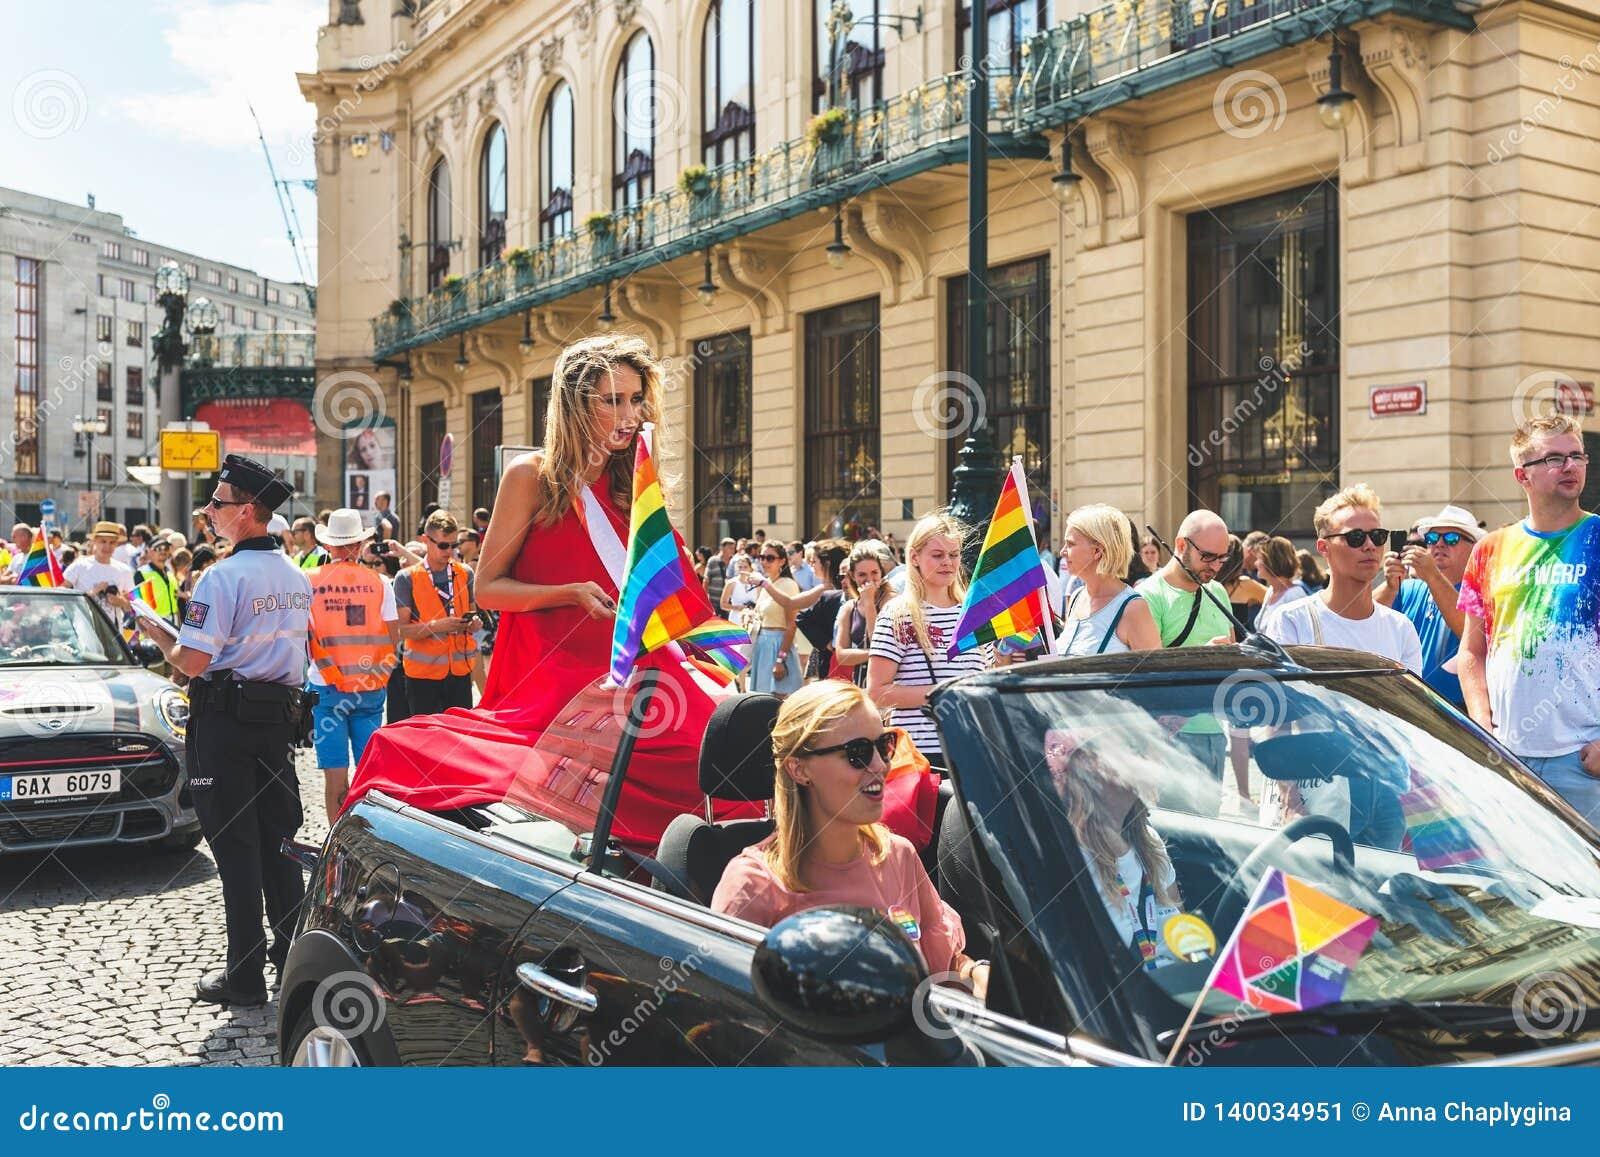 Prague gay pride